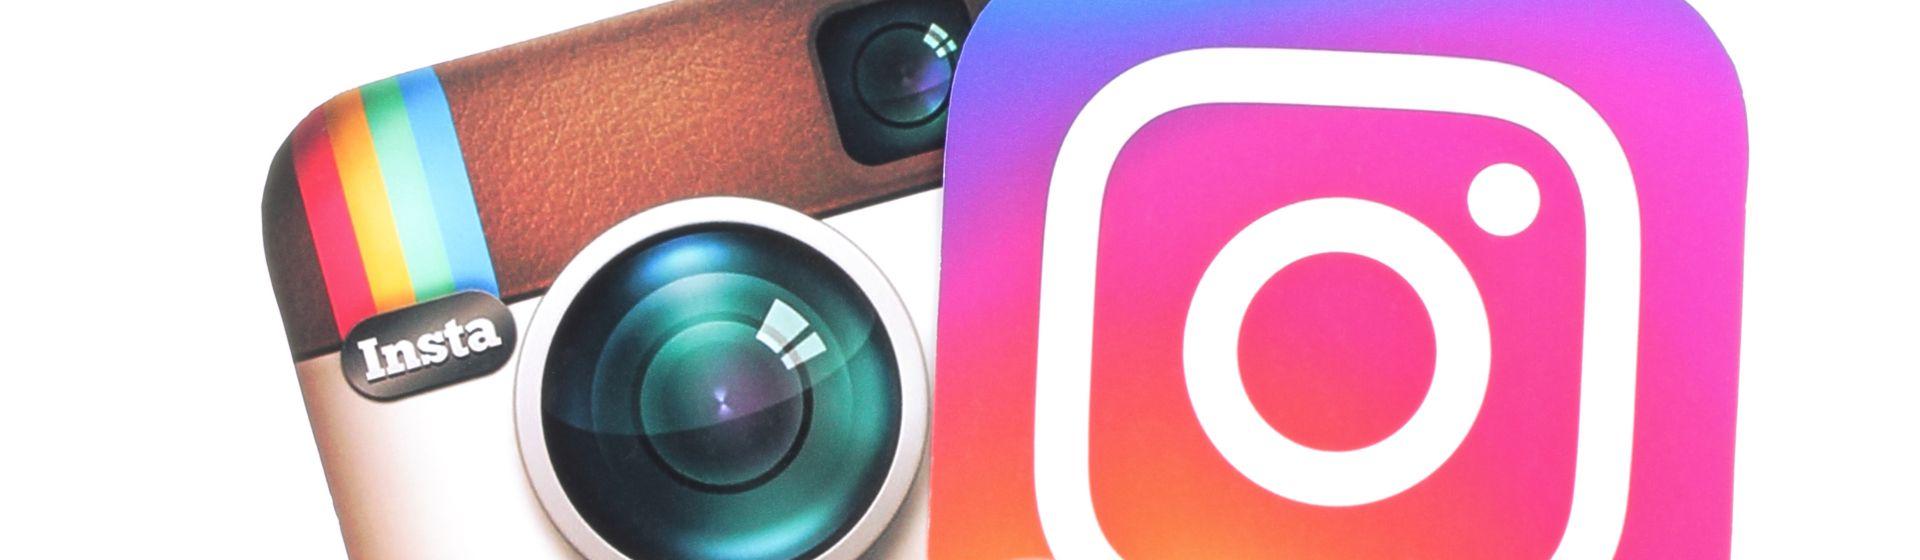 Como mudar o ícone do Instagram?